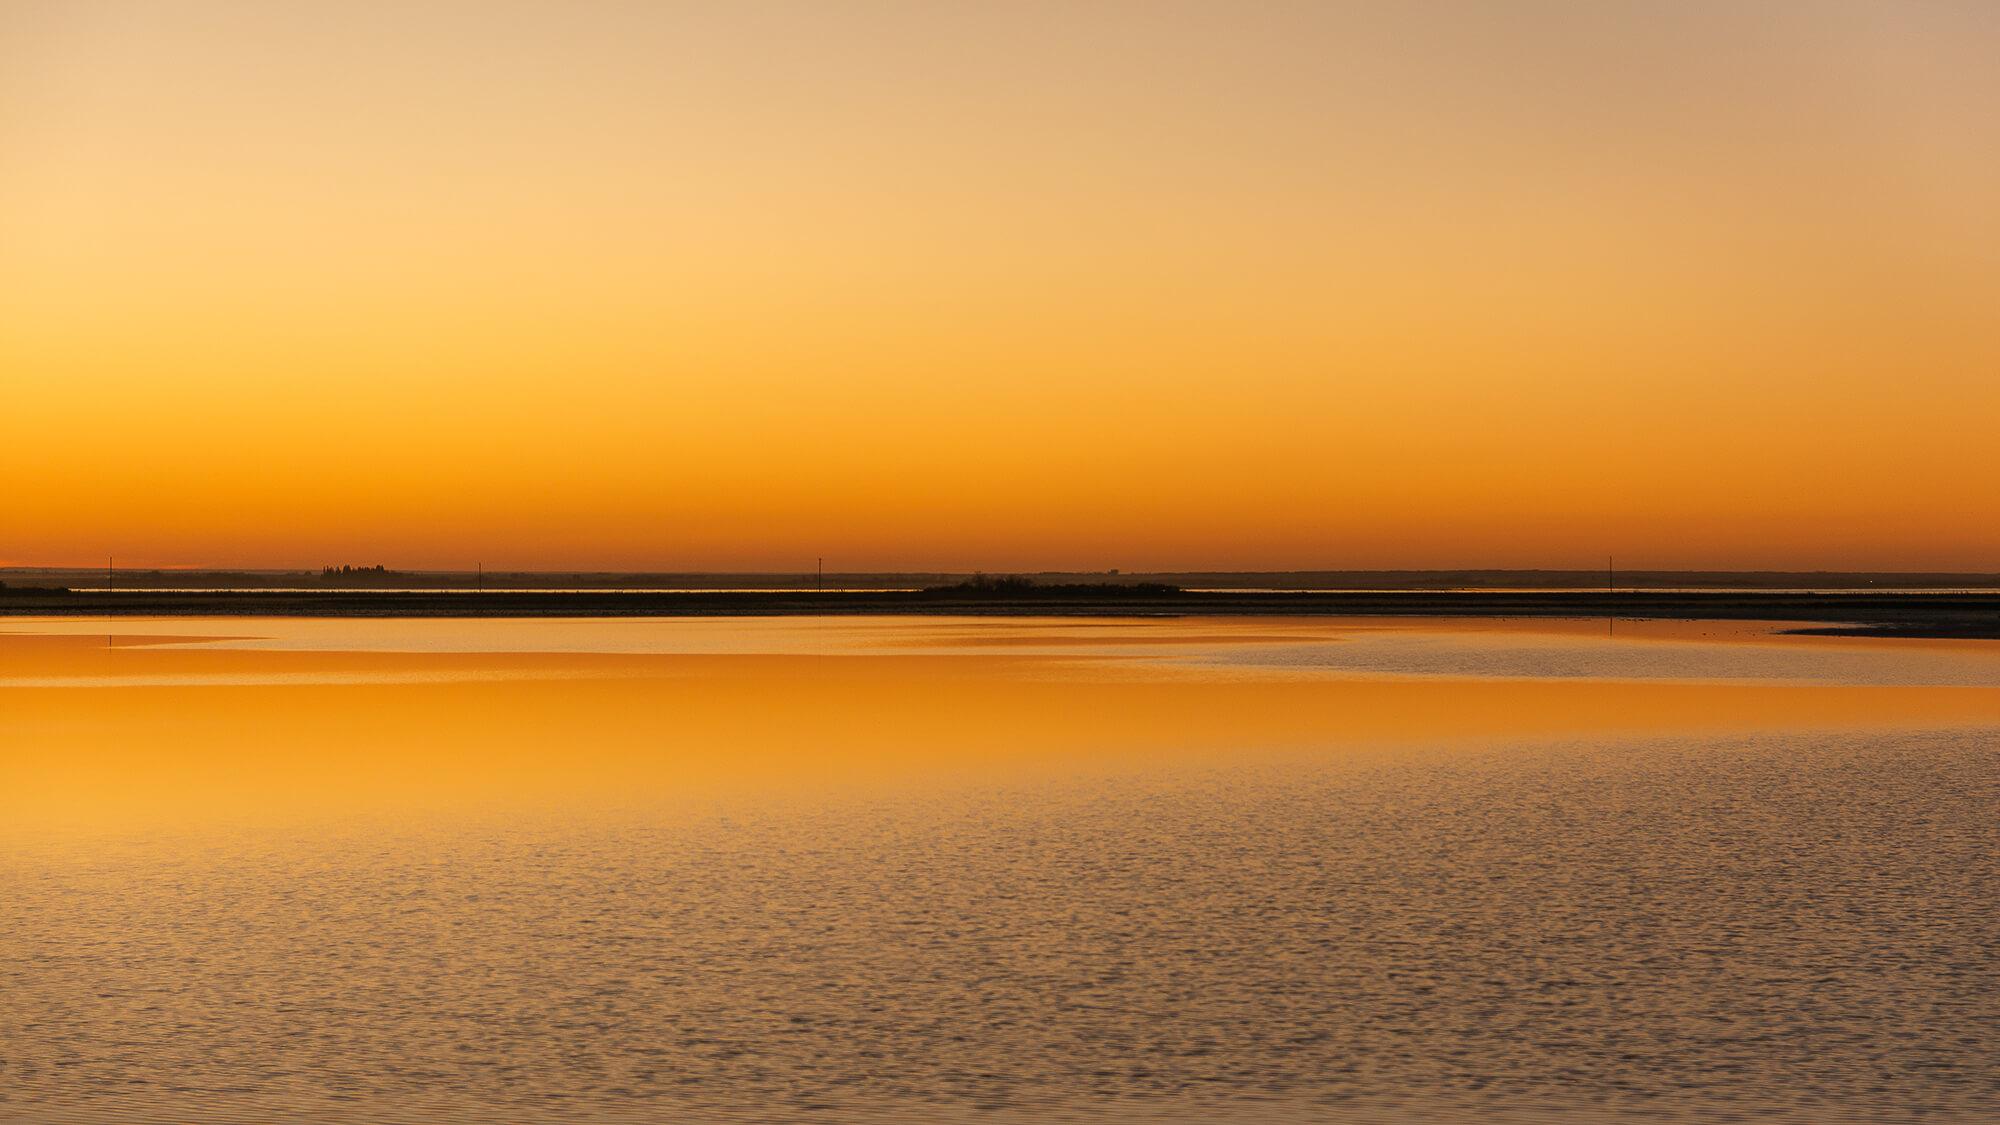 McDougall_Orange Sunset Pano-0283.jpg